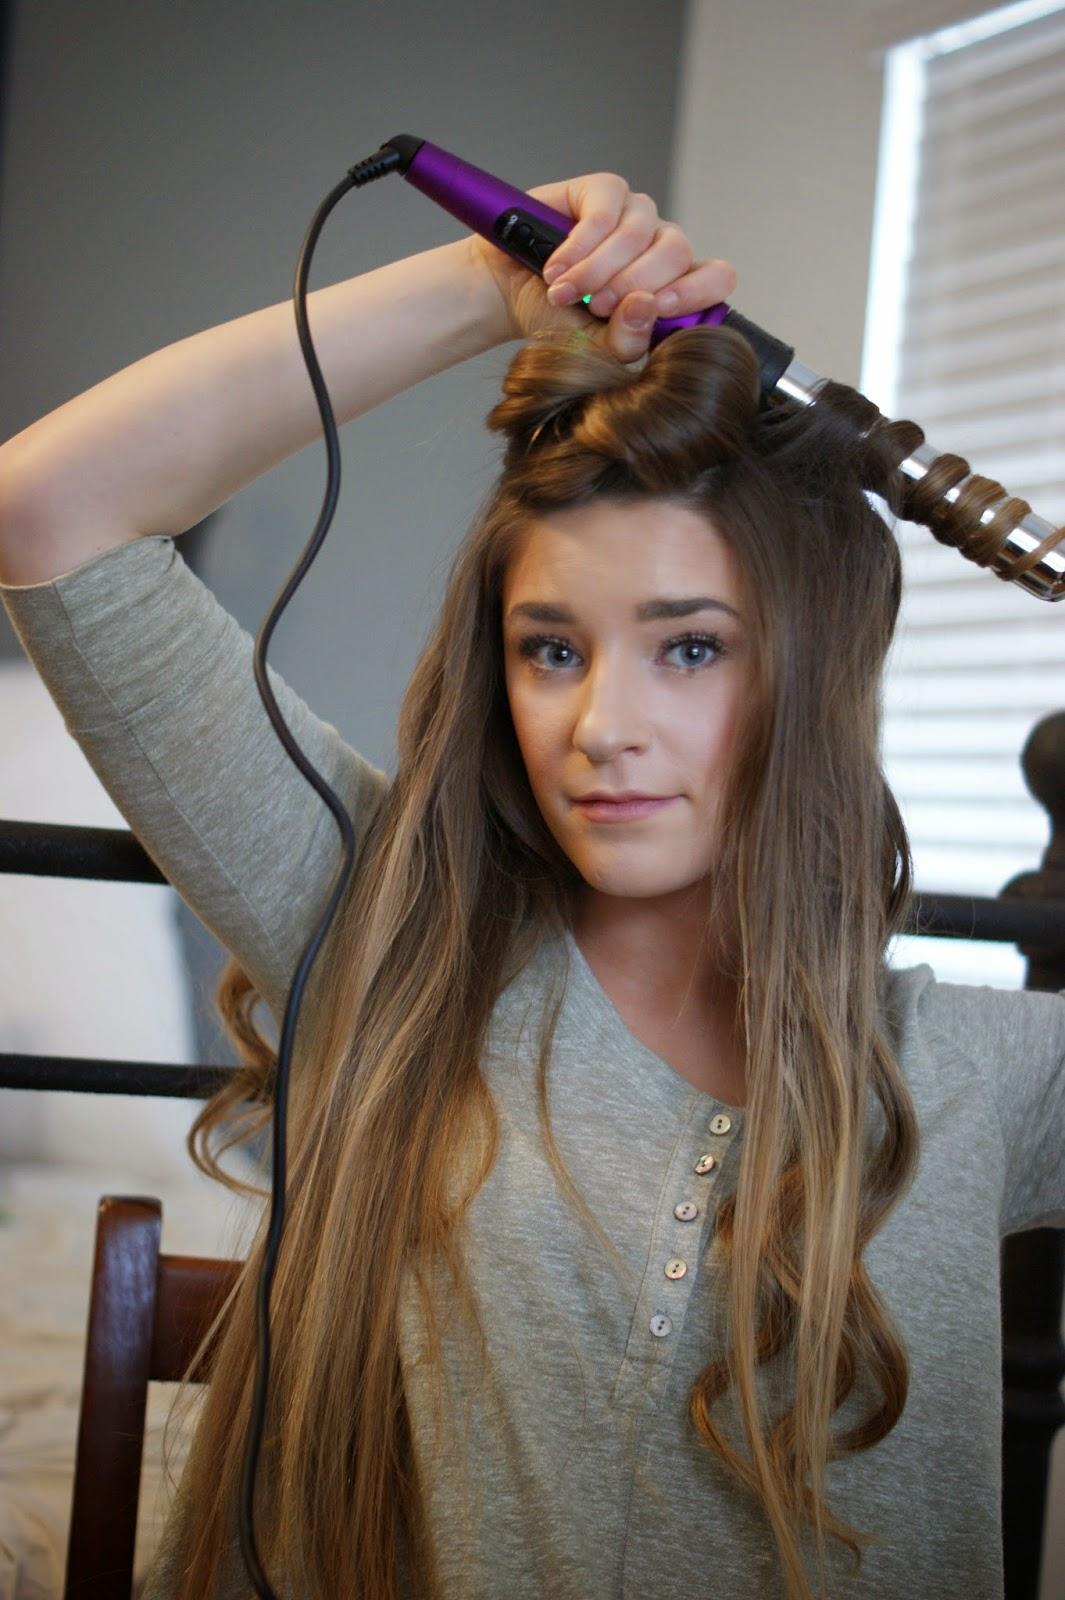 Meggie Frue Loose Wavy Curls Hair Pictorial